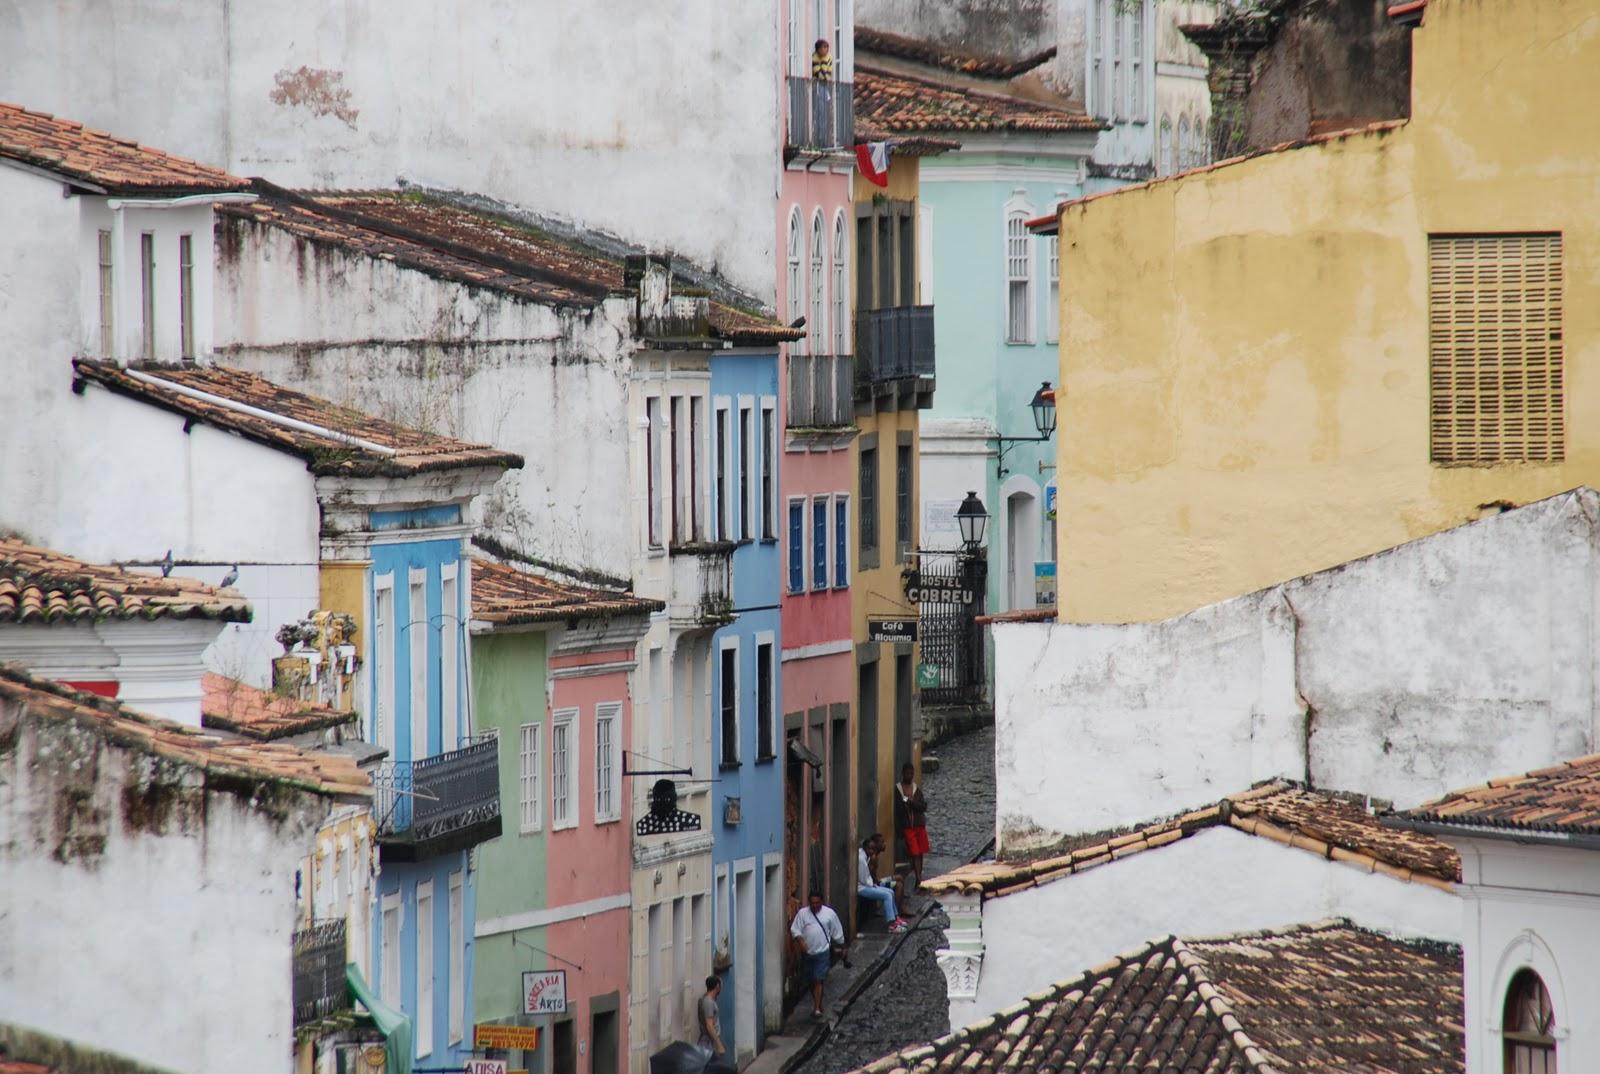 Mit Brasilien: Besøg i Brasiliens første hovedstad